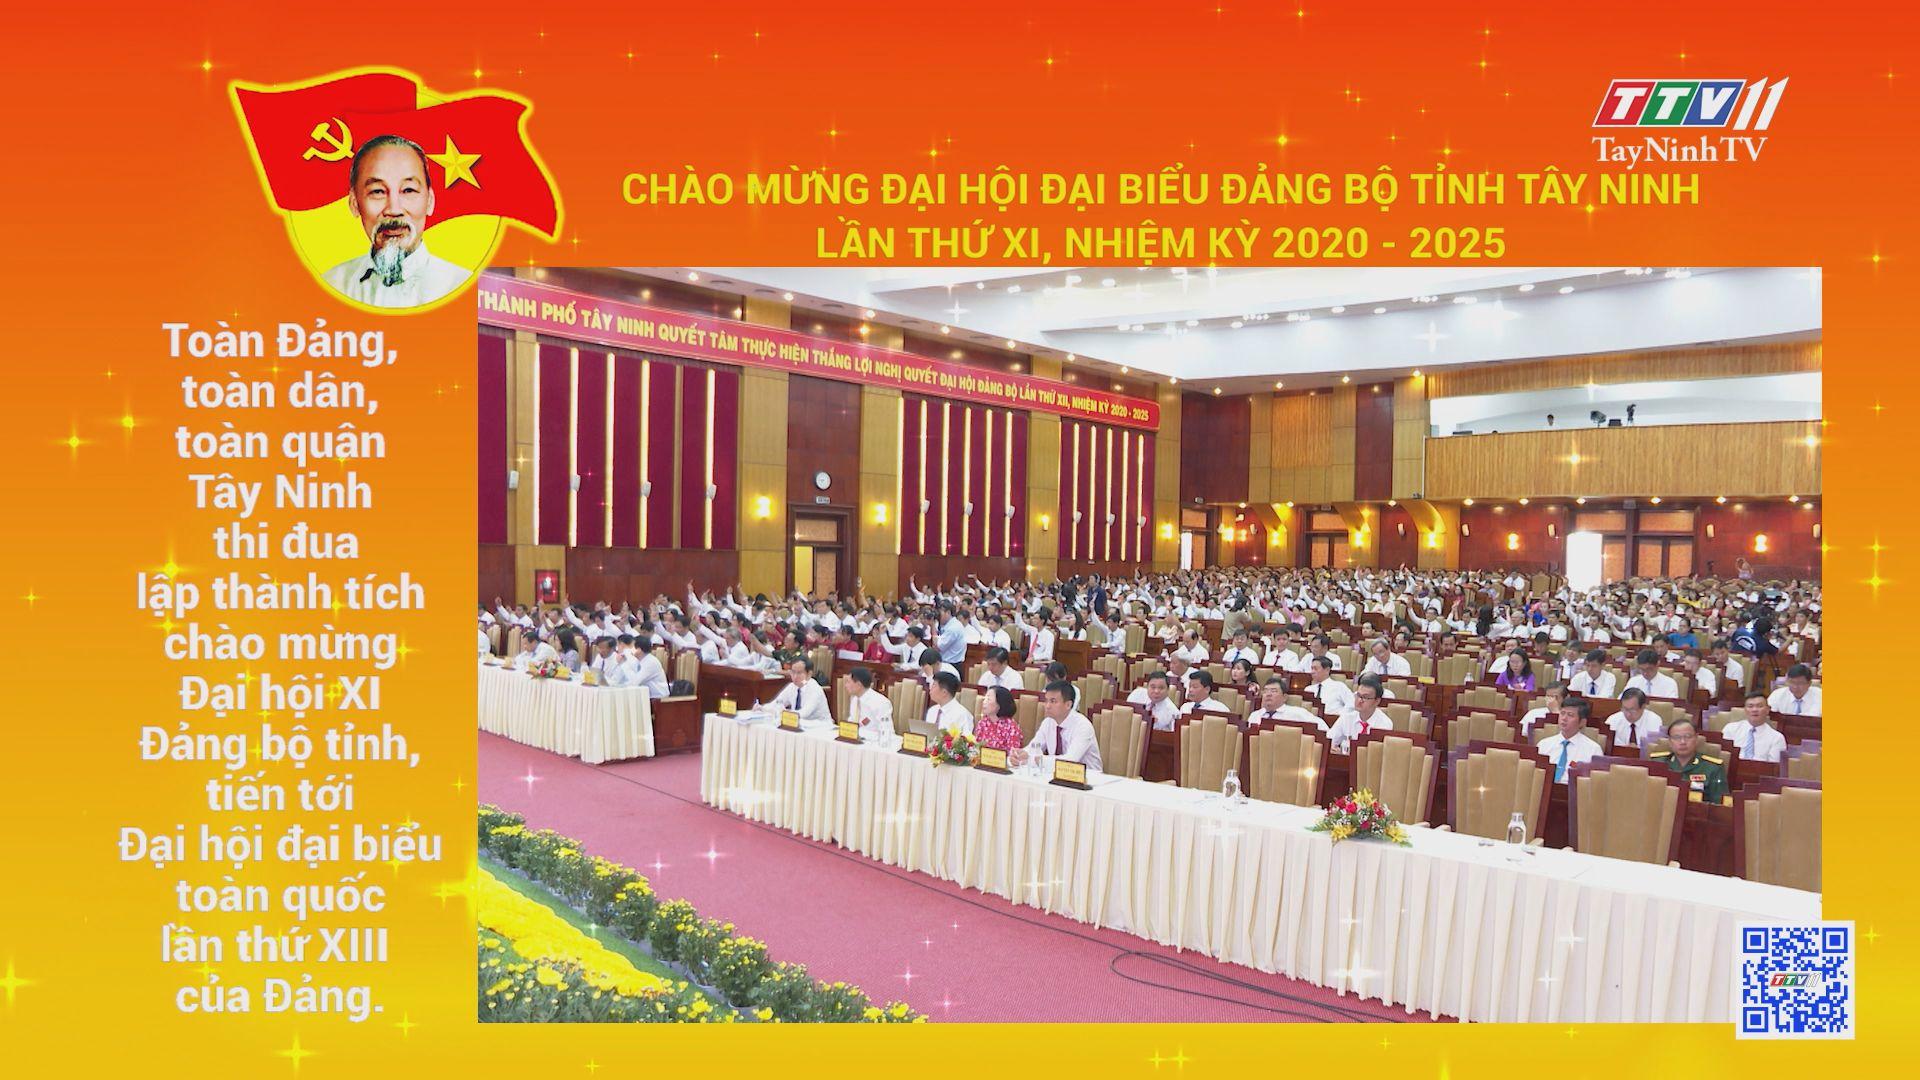 CHÀO MỪNG ĐẠI HỘI ĐẠI BIỂU ĐẢNG BỘ TỈNH TÂY NINH LẦN THỨ XI, NHIỆM KỲ 2020-2025 | TayNinhTV